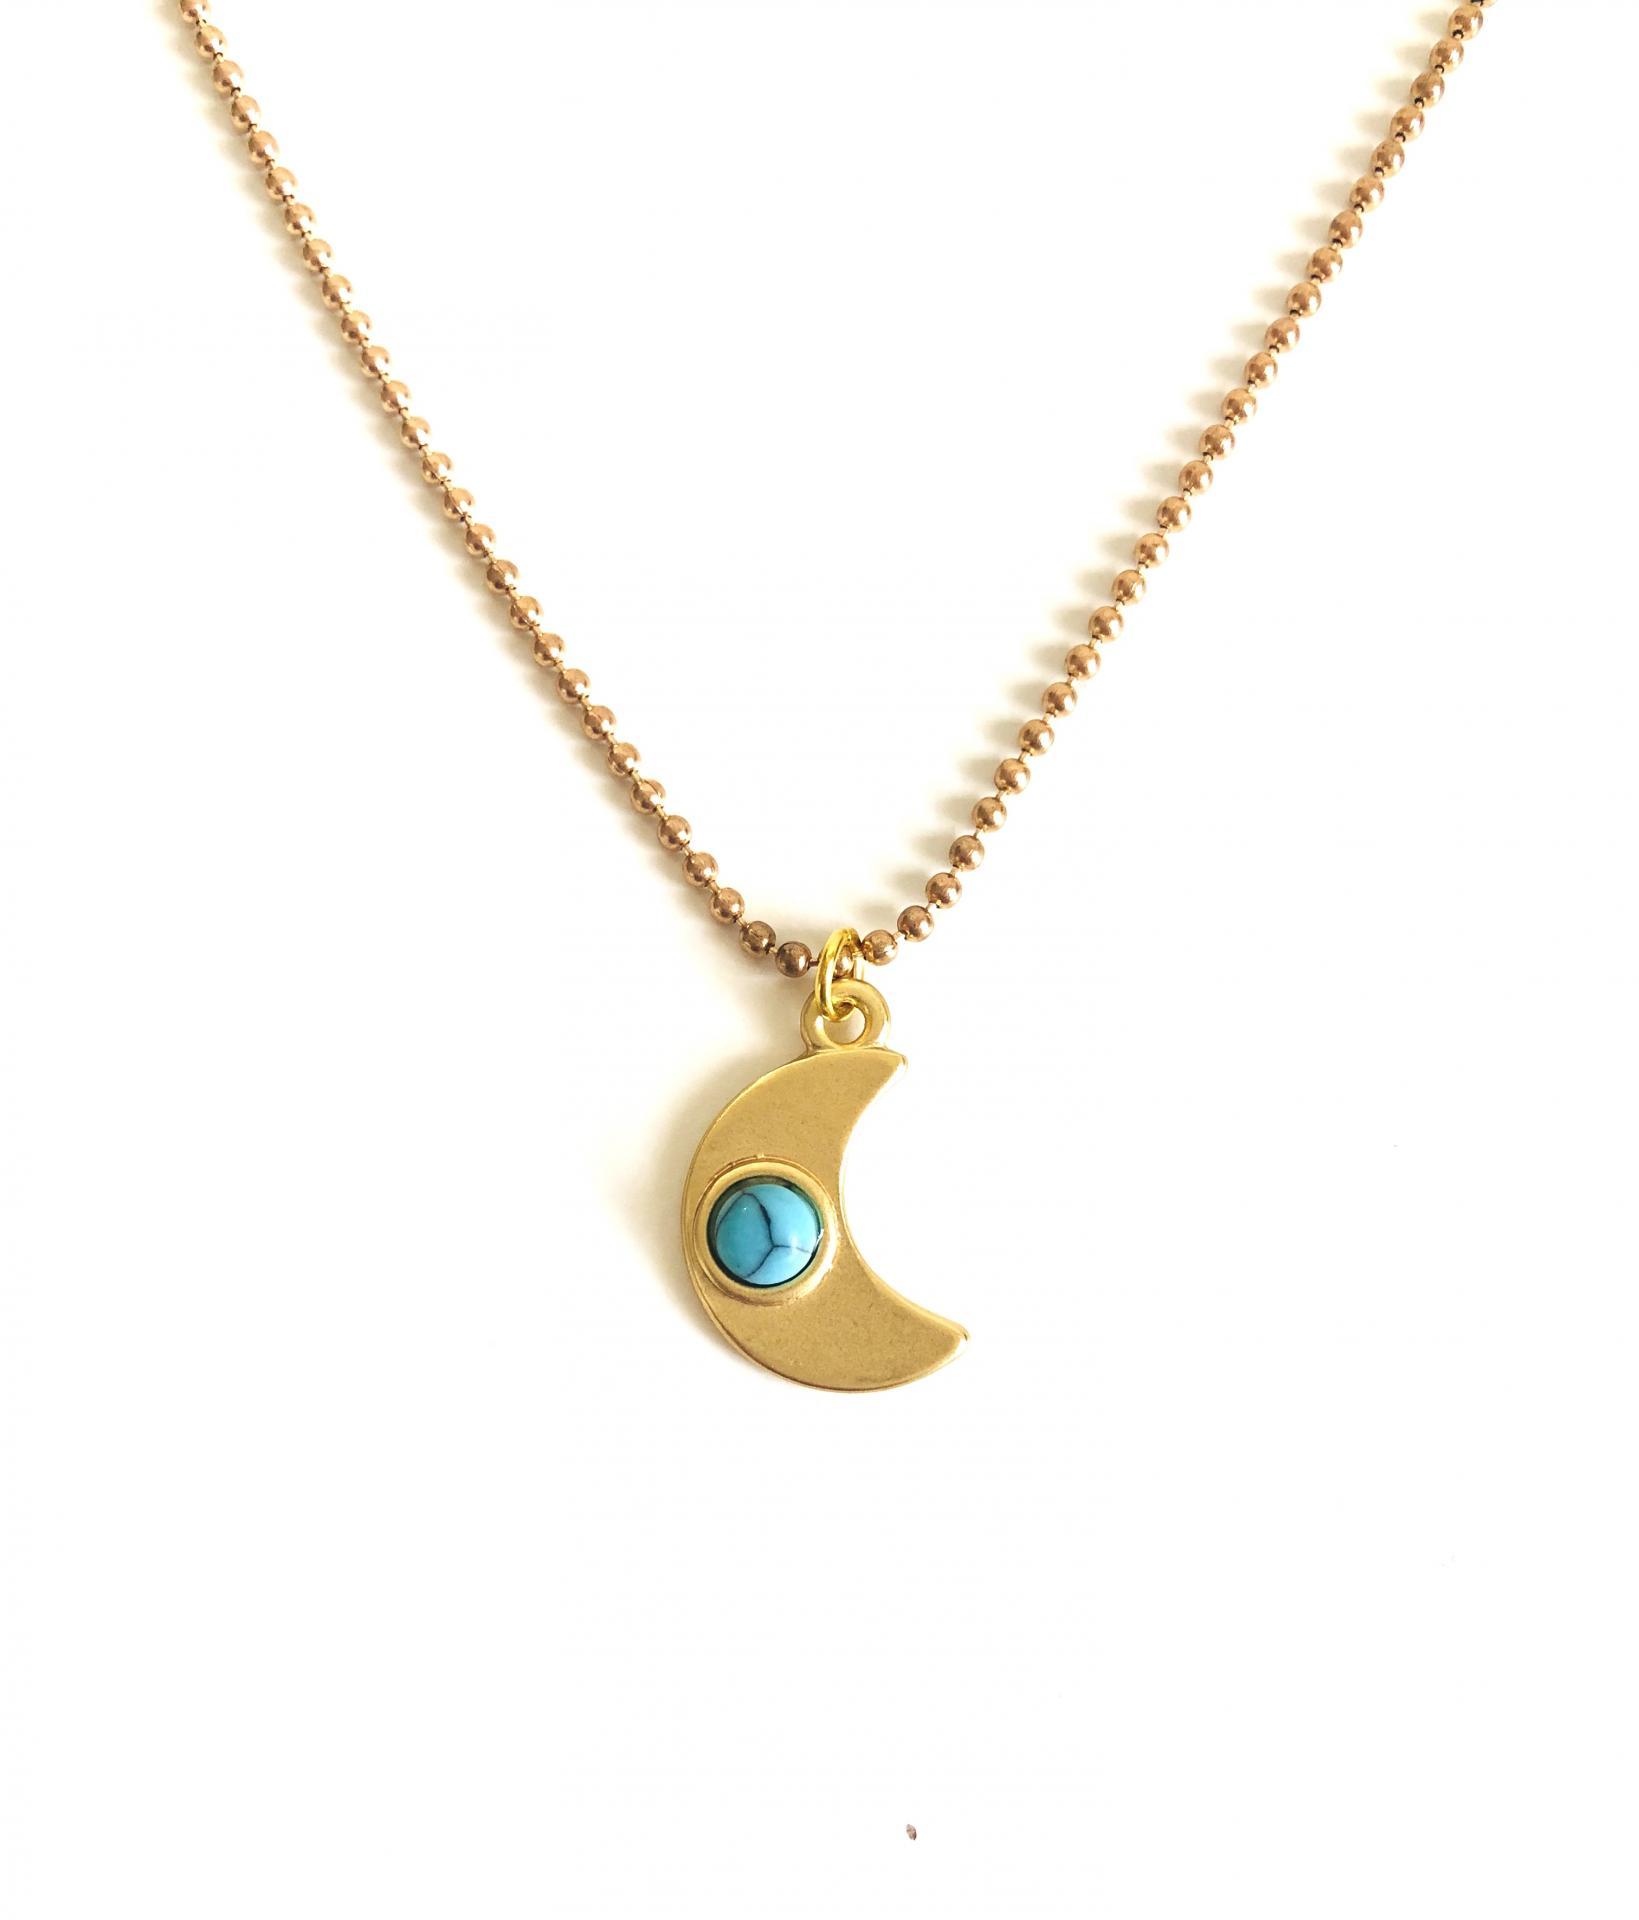 Colgante media luna dorada con turquesa